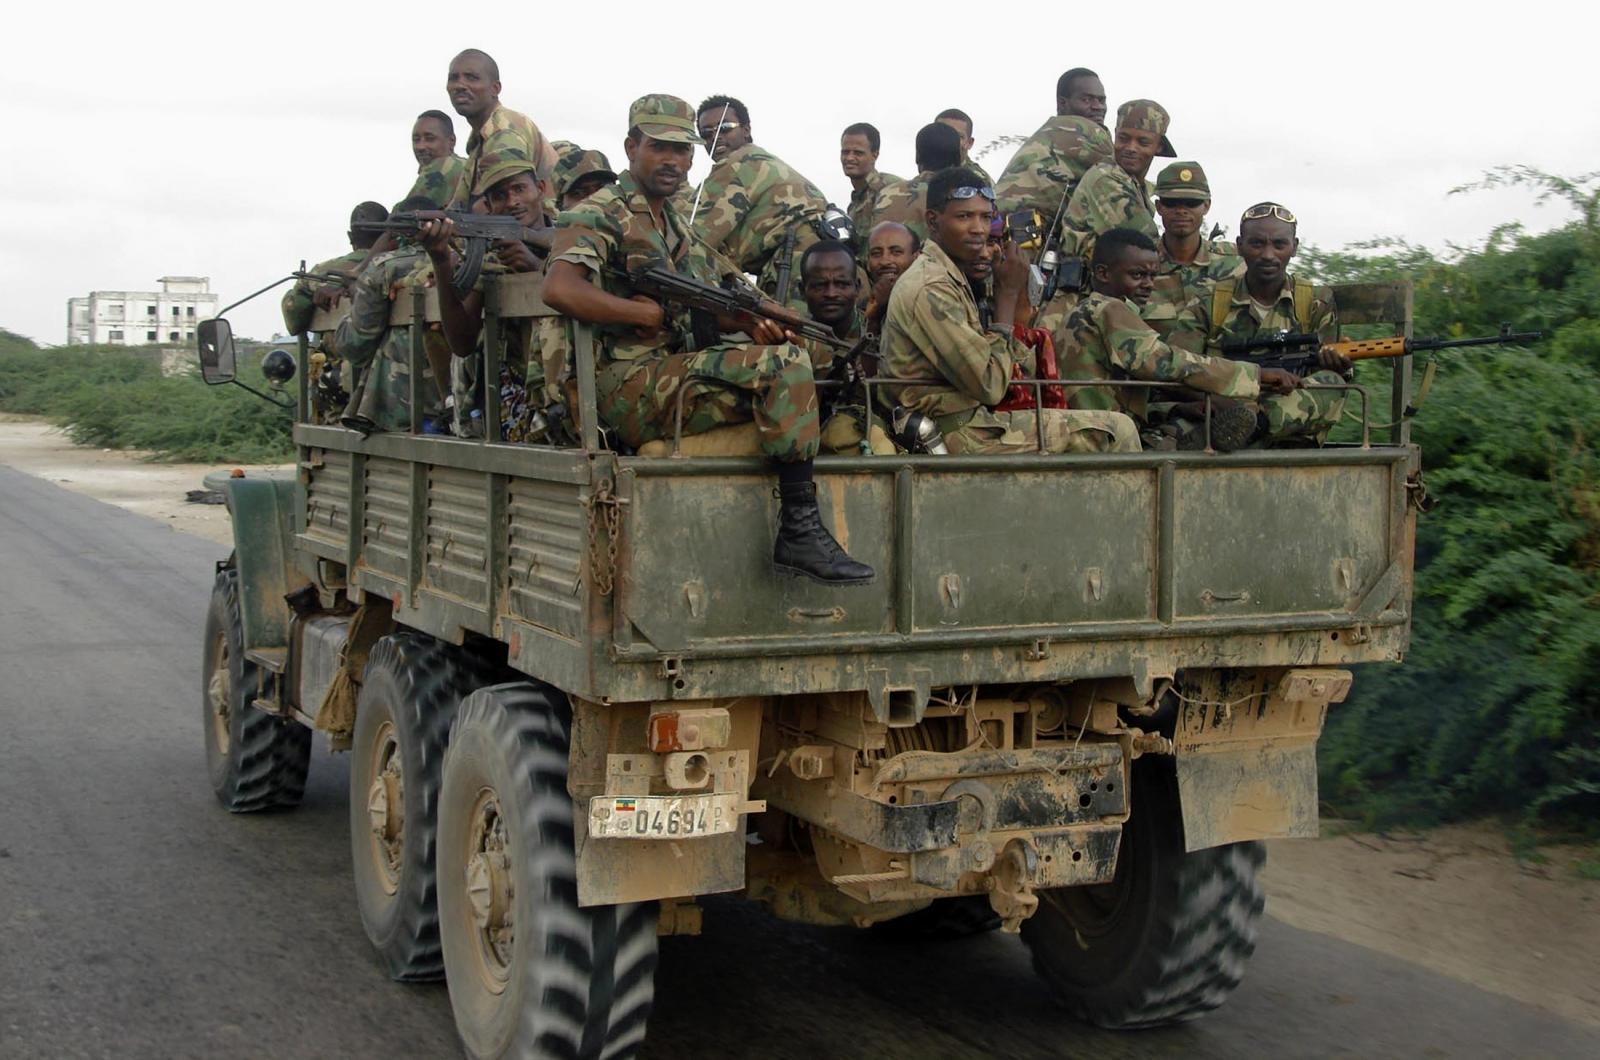 Eritrea Ethiopia border clashes Africa